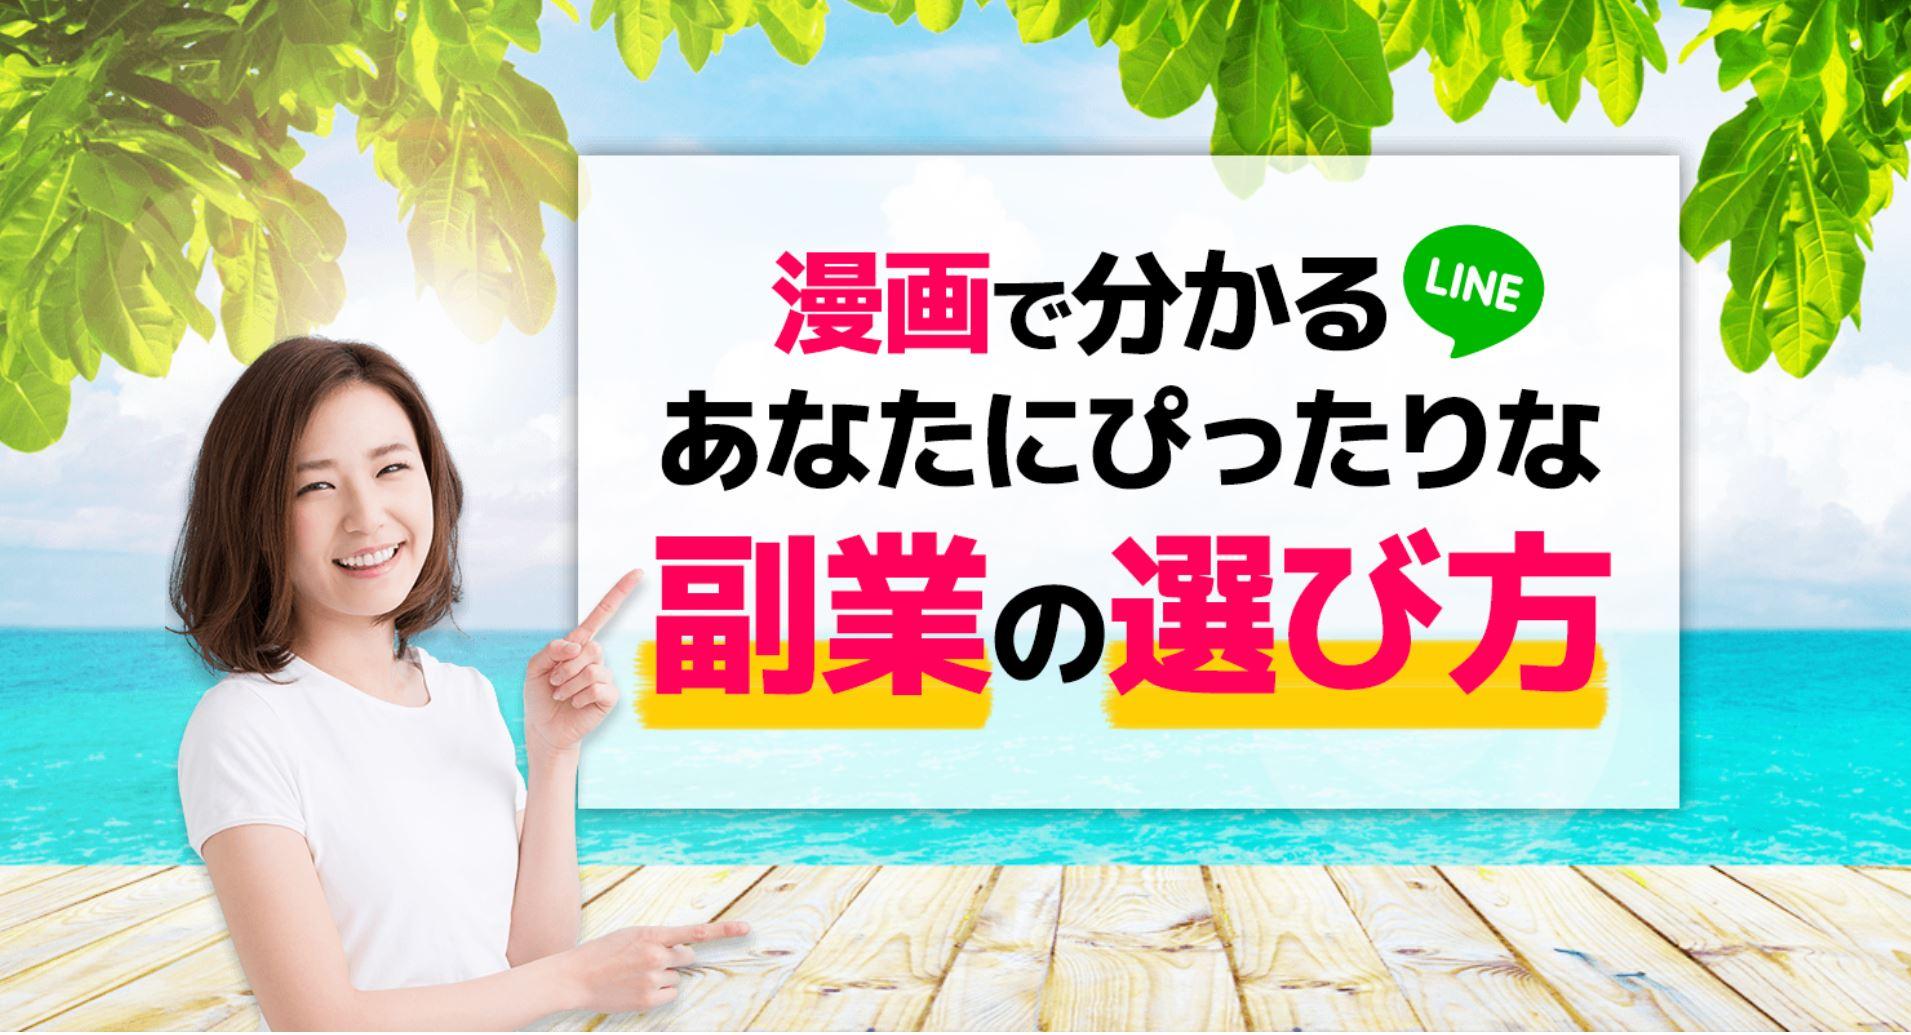 原田英一 GAINCHECK(ゲインチェック) は全員投資案件 利用口コミ紹介